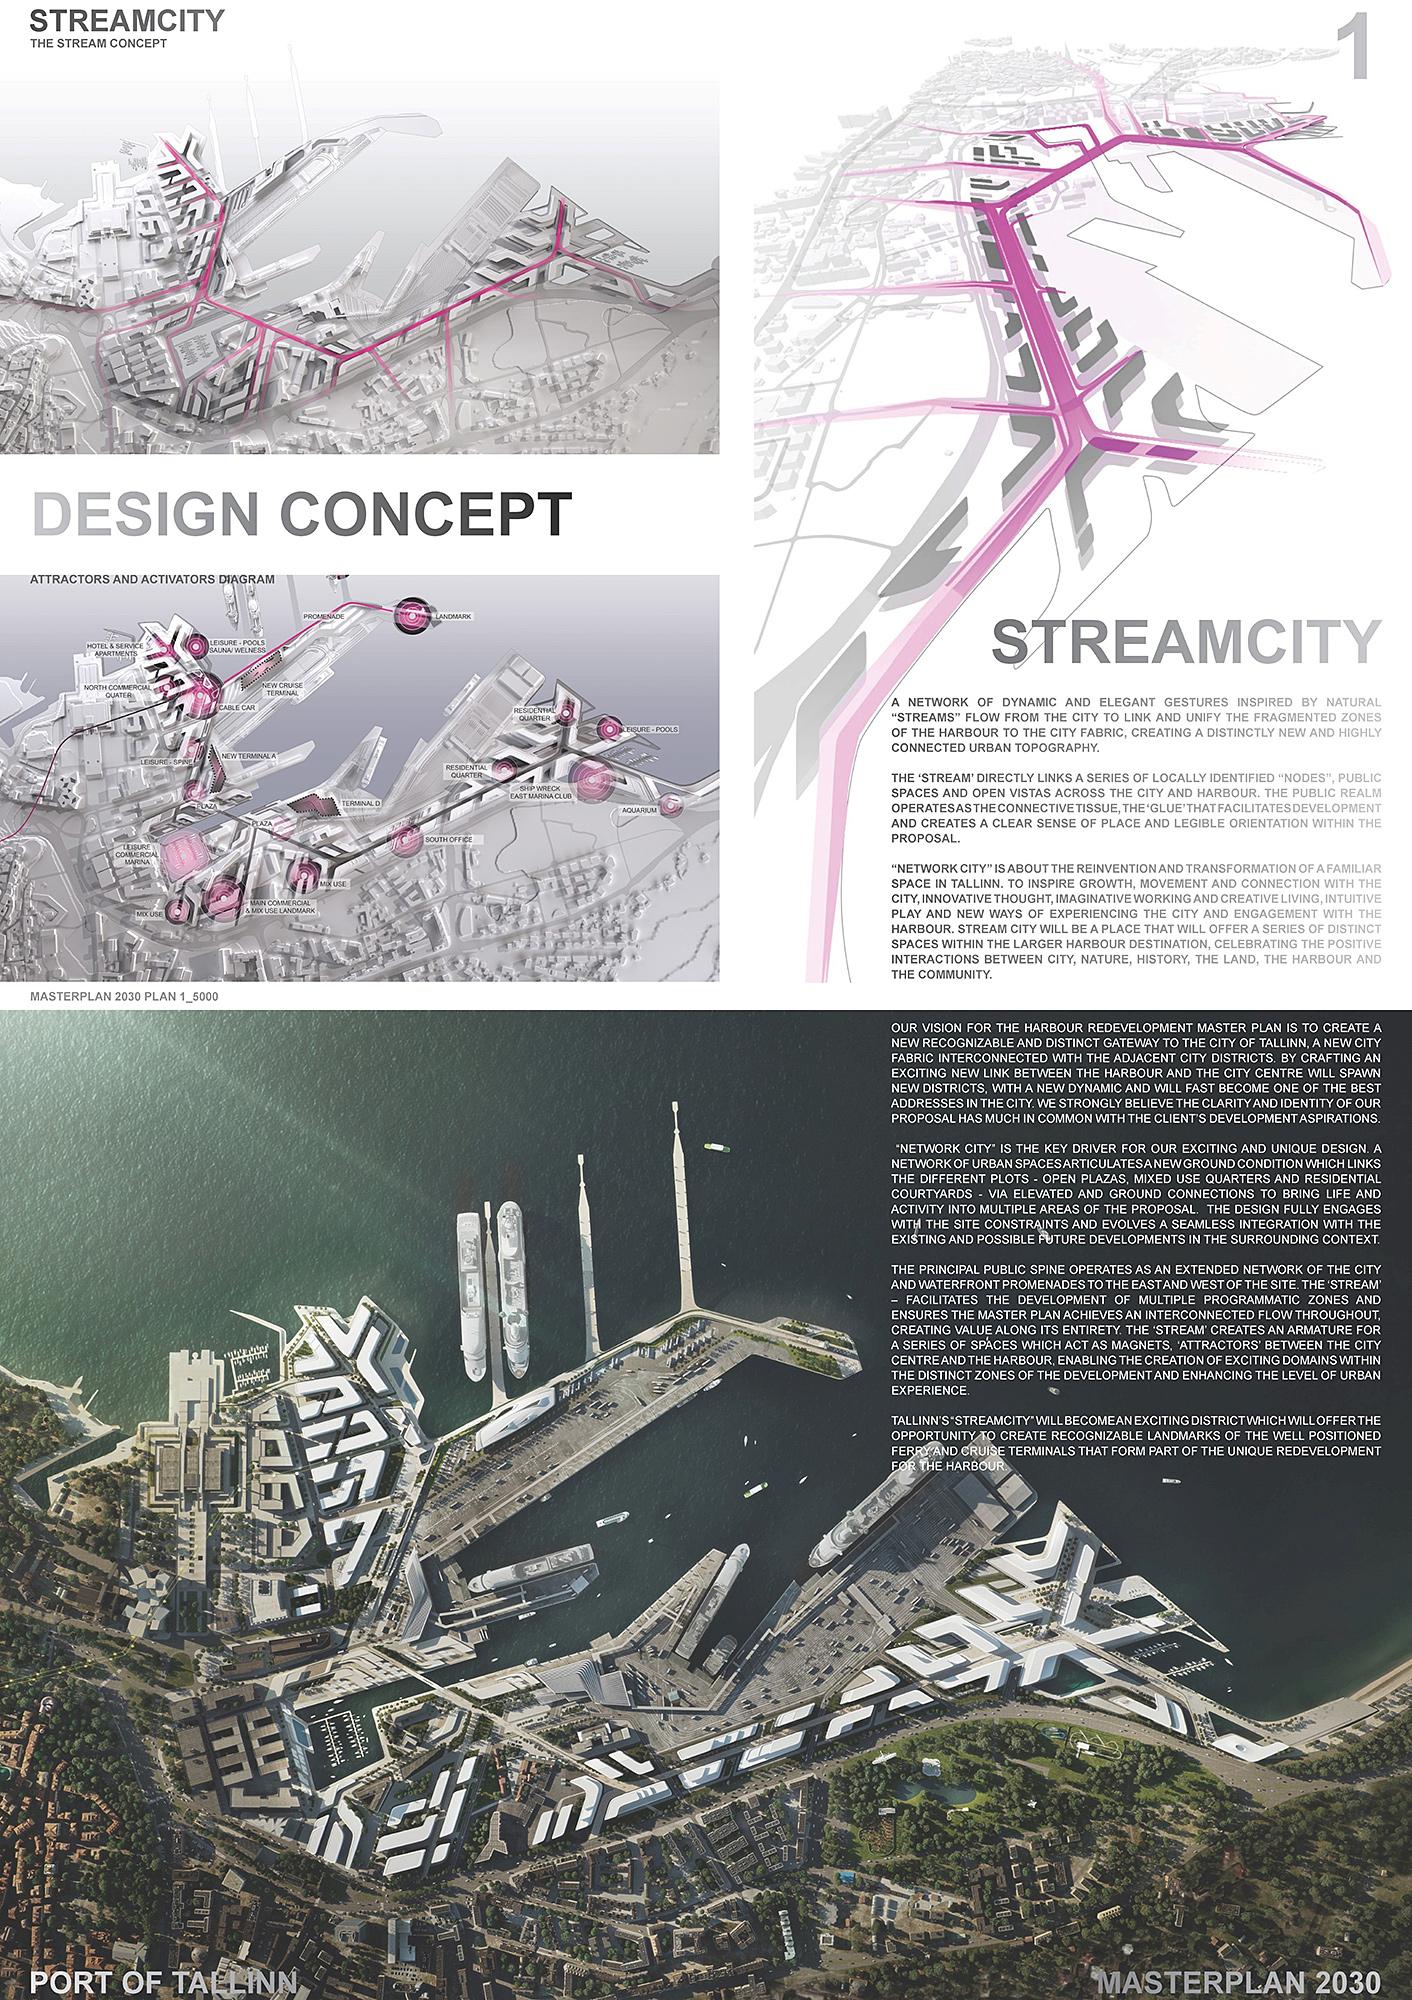 Zaha Hadid Architects To Masterplan Tallinn's Old City